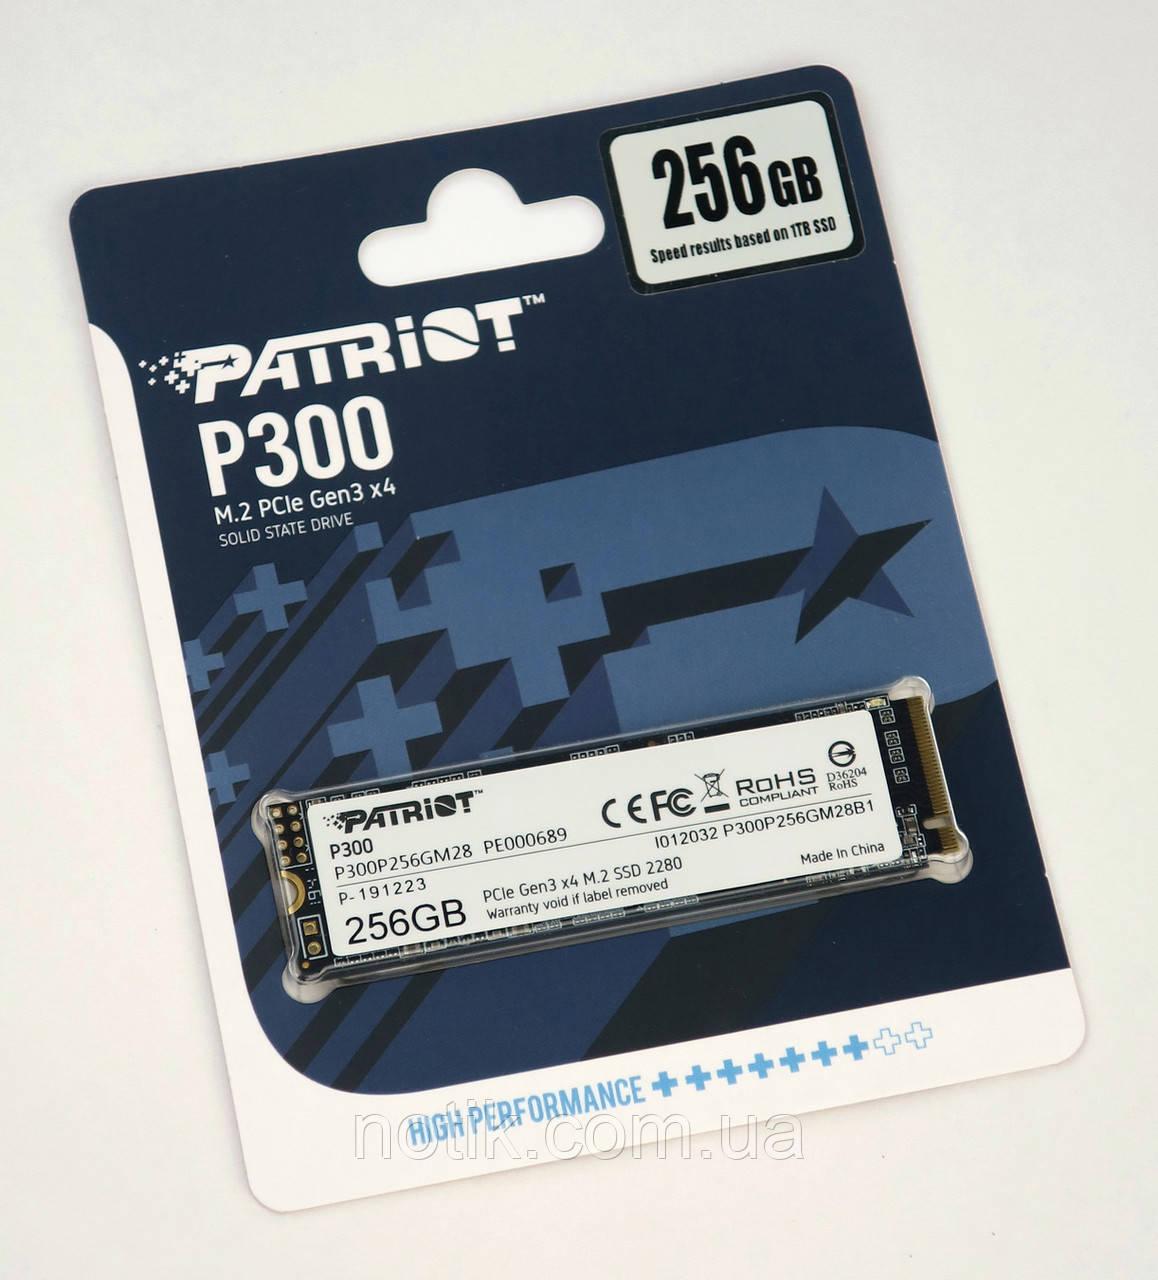 Твердотельный накопитель M.2 256Gb, Patriot P300, PCI-E 4x, 3D TLC, 1700/1100 MB/s (P300P256GM28)